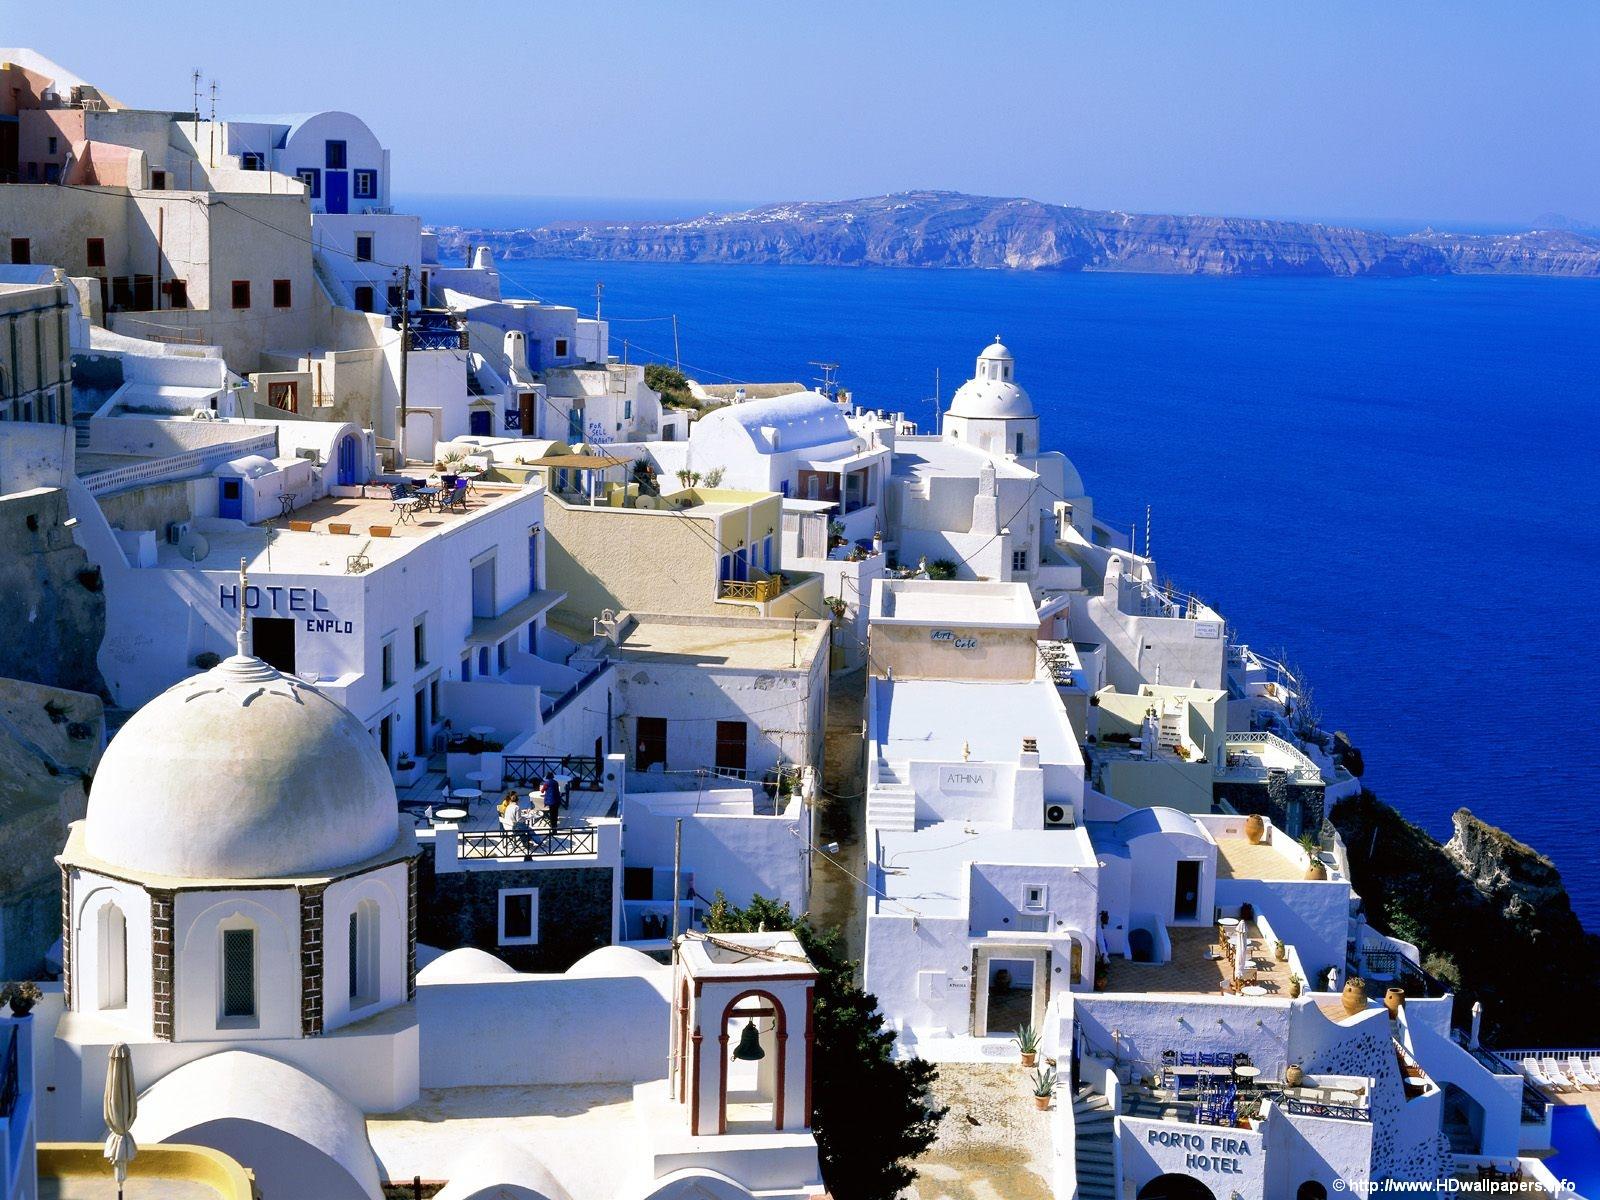 Oferta De Viagens Oferta De Viagens: Grecia, Ofertas De Viajes Baratos